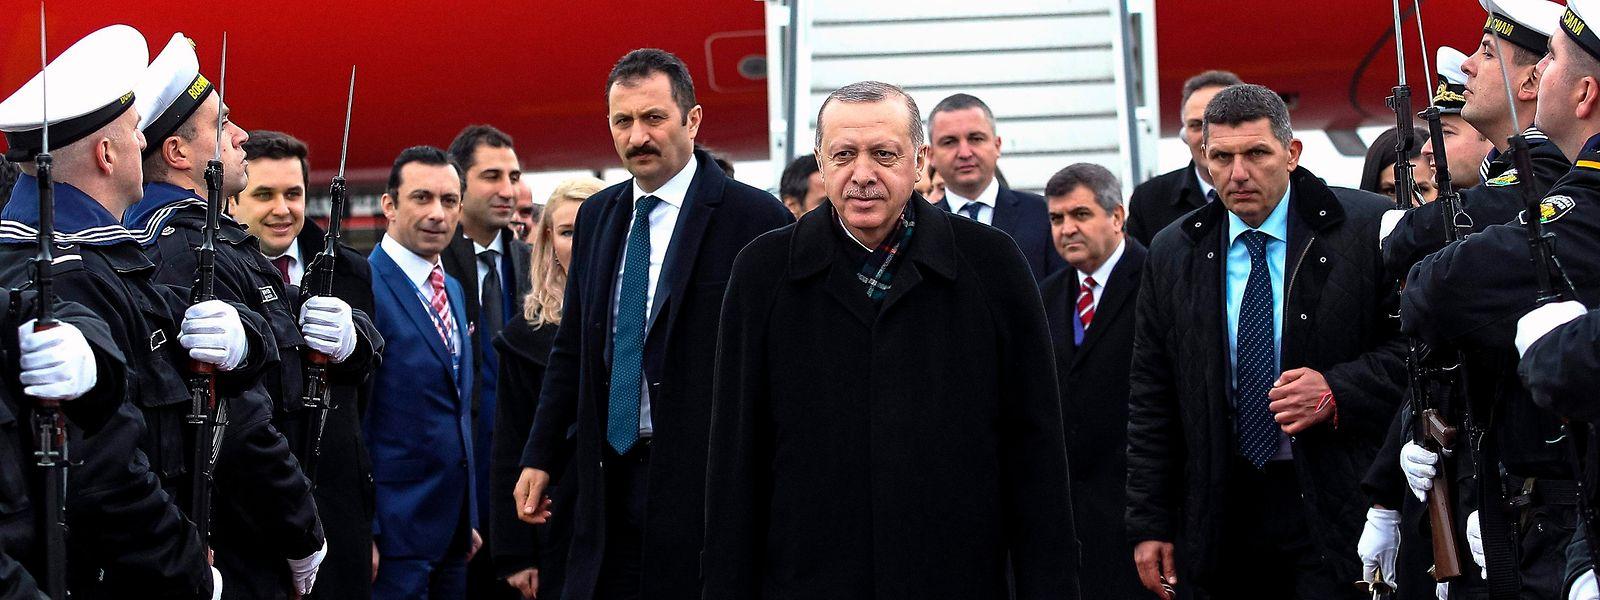 Der türkische Staatspräsident Erdogan bei seiner Ankunft in Warna.